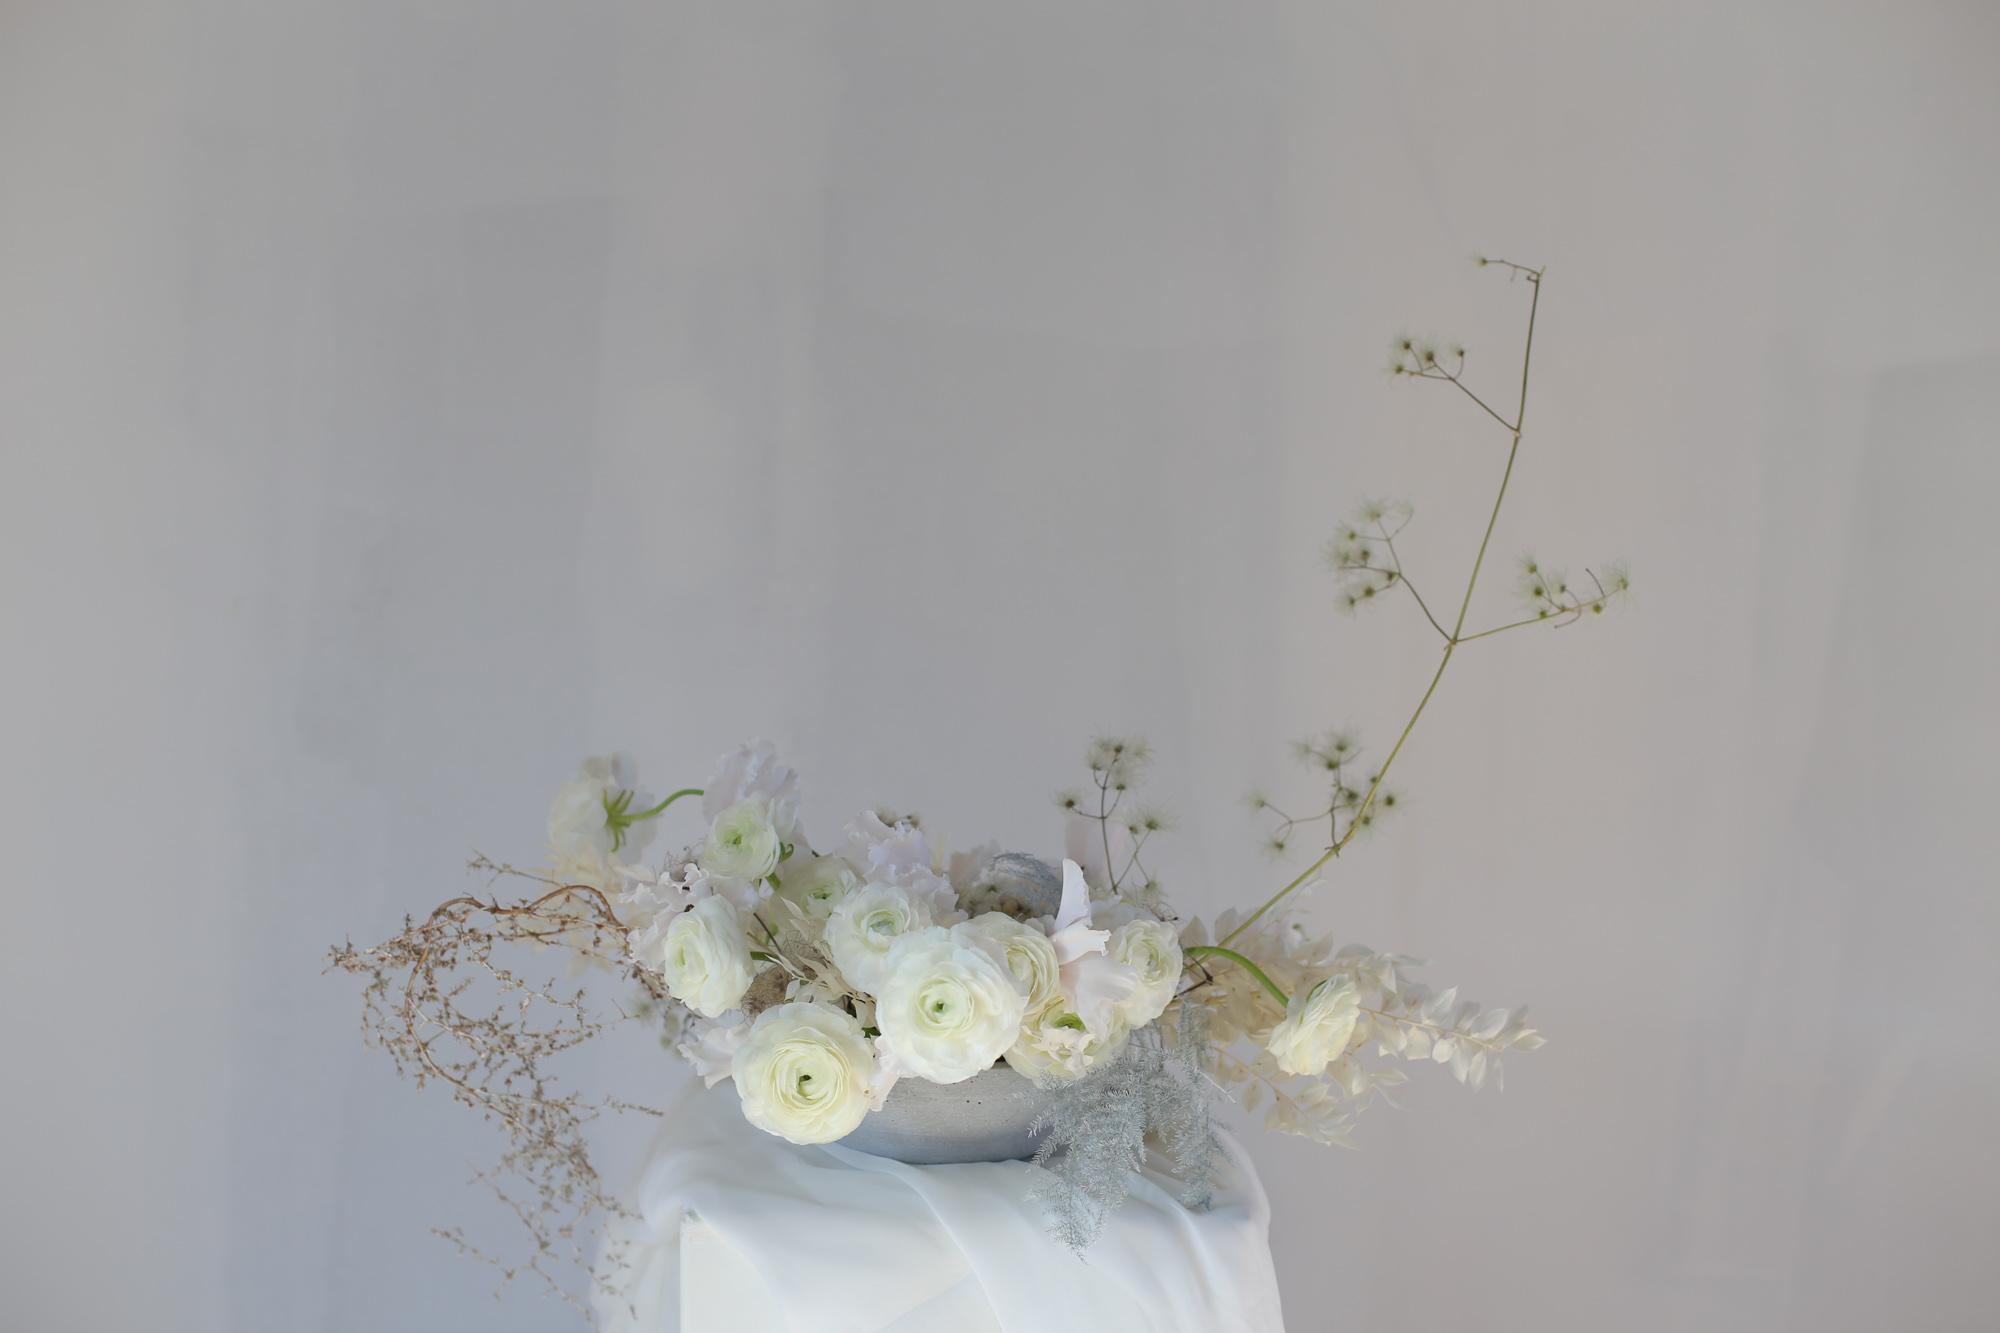 Composition de fleurs pour mariage renoncules blanches